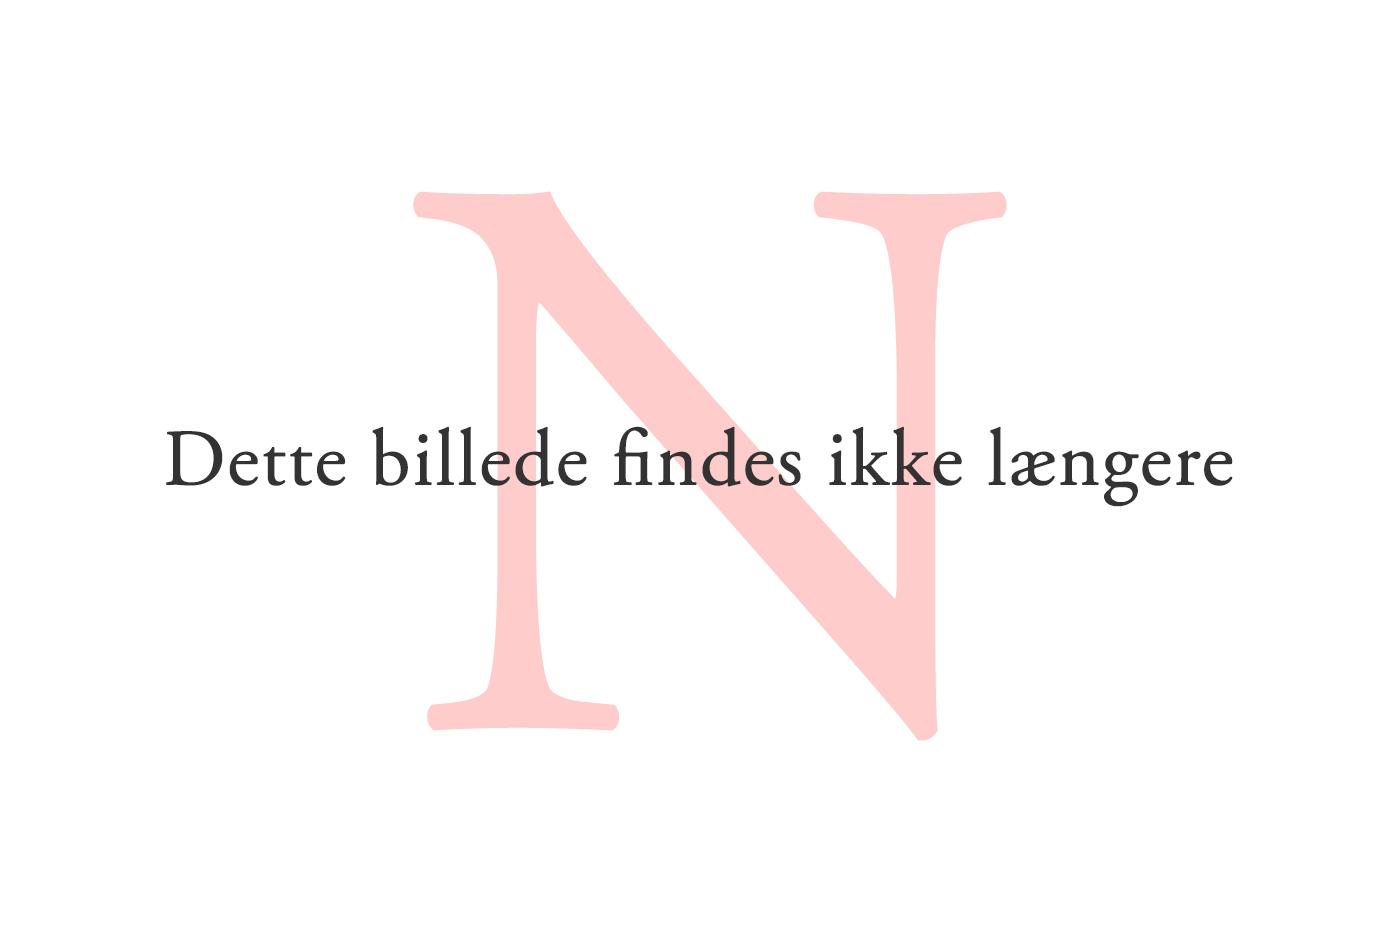 1.000 danskere ved ikke, de er hiv-smittede